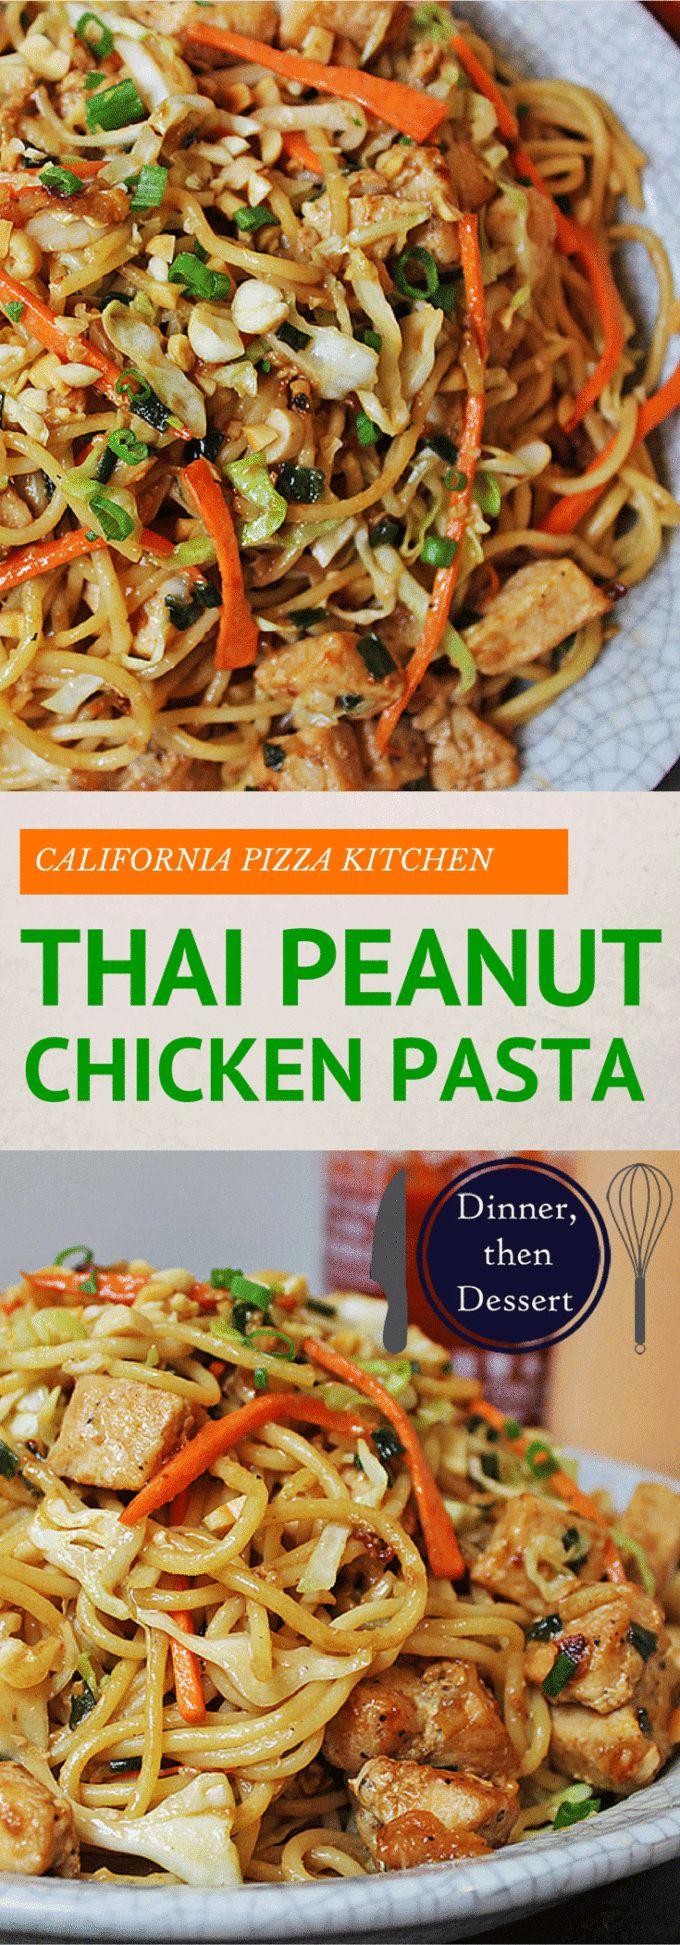 California Pizza Kitchen Food Best 25 California Pizza Kitchen Ideas On Pinterest  Pizza